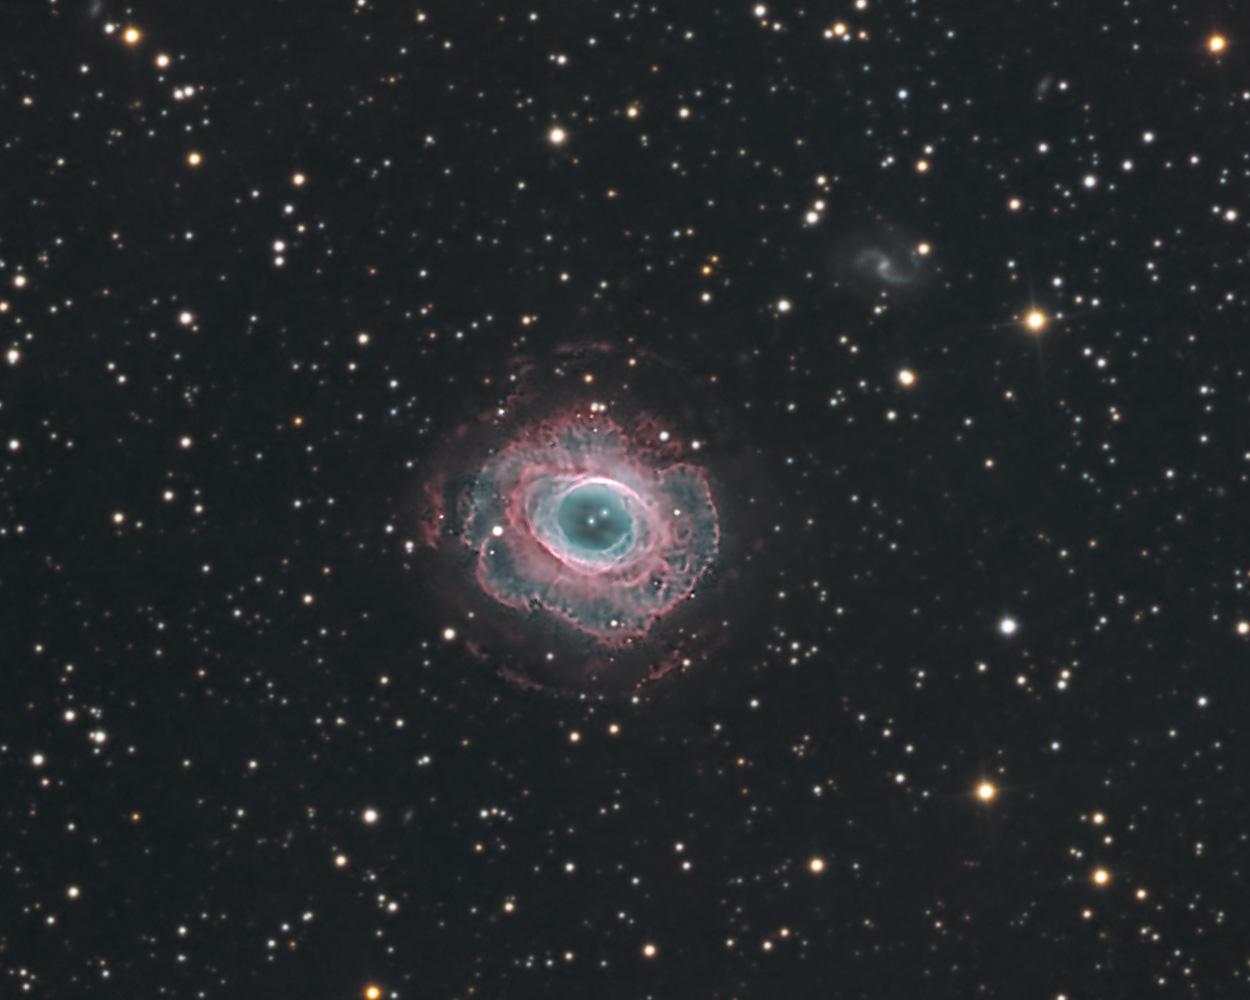 m57 nebula - photo #26